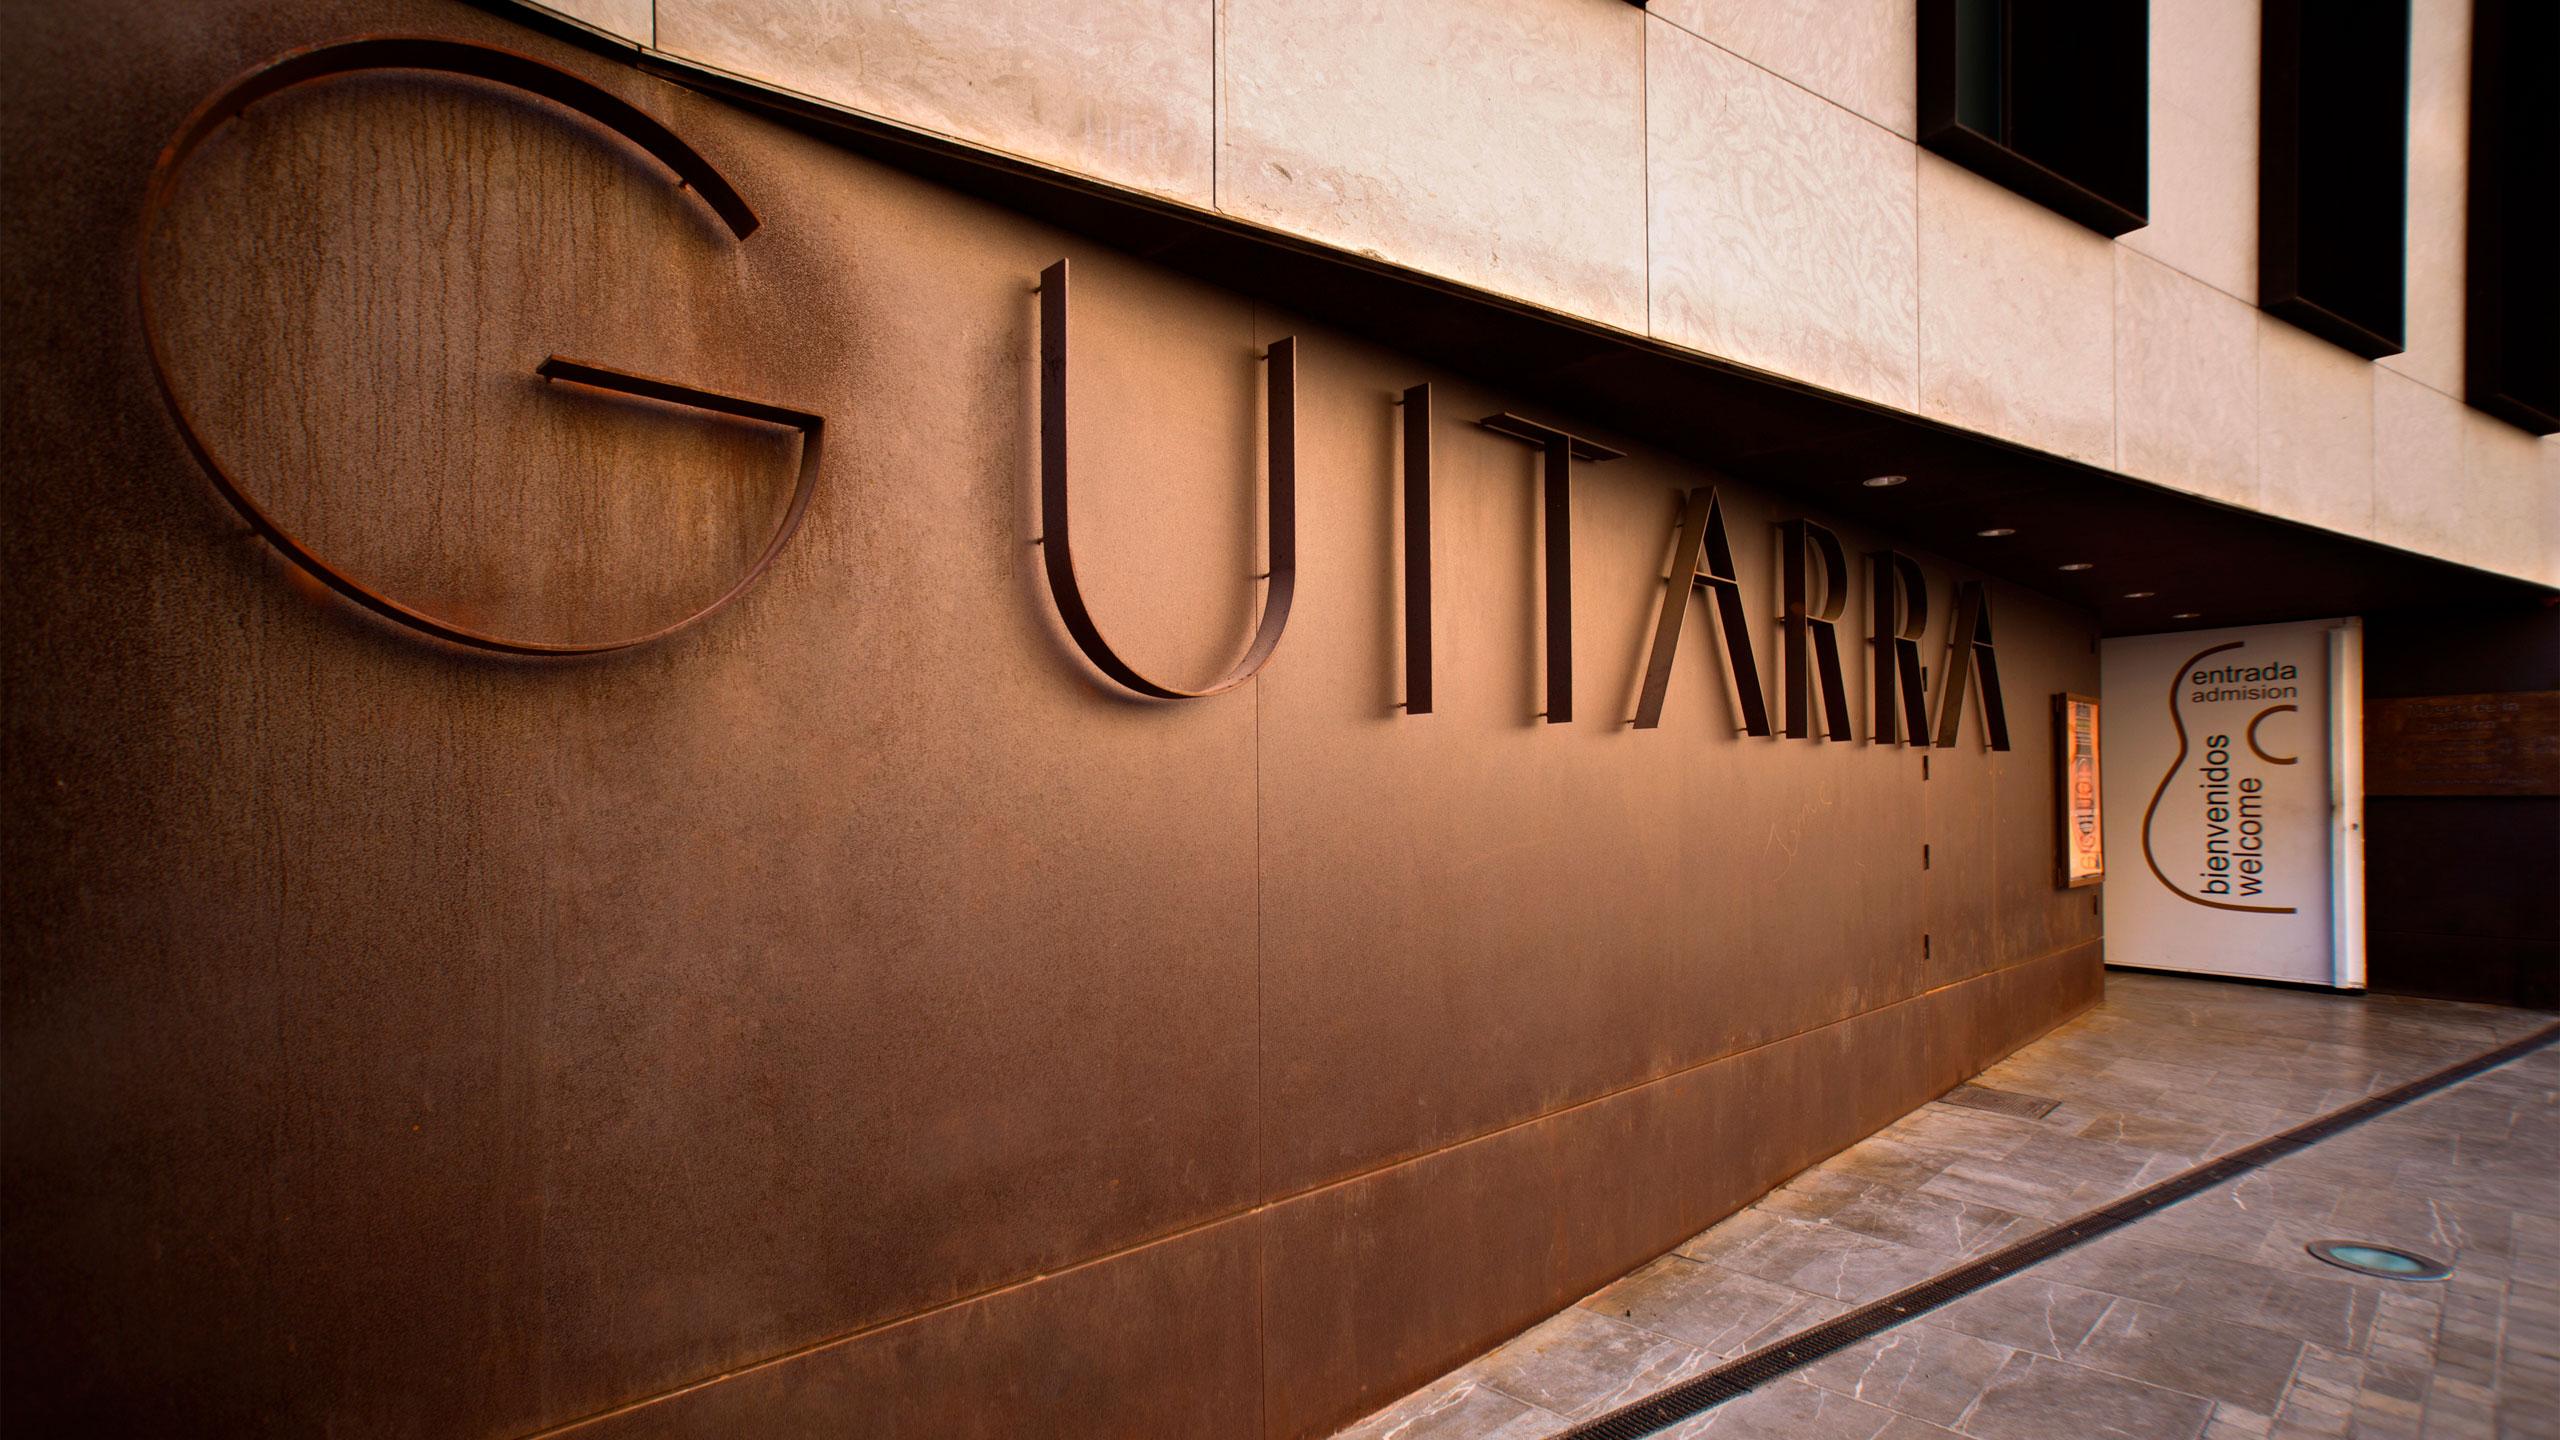 museo guitarra almeria